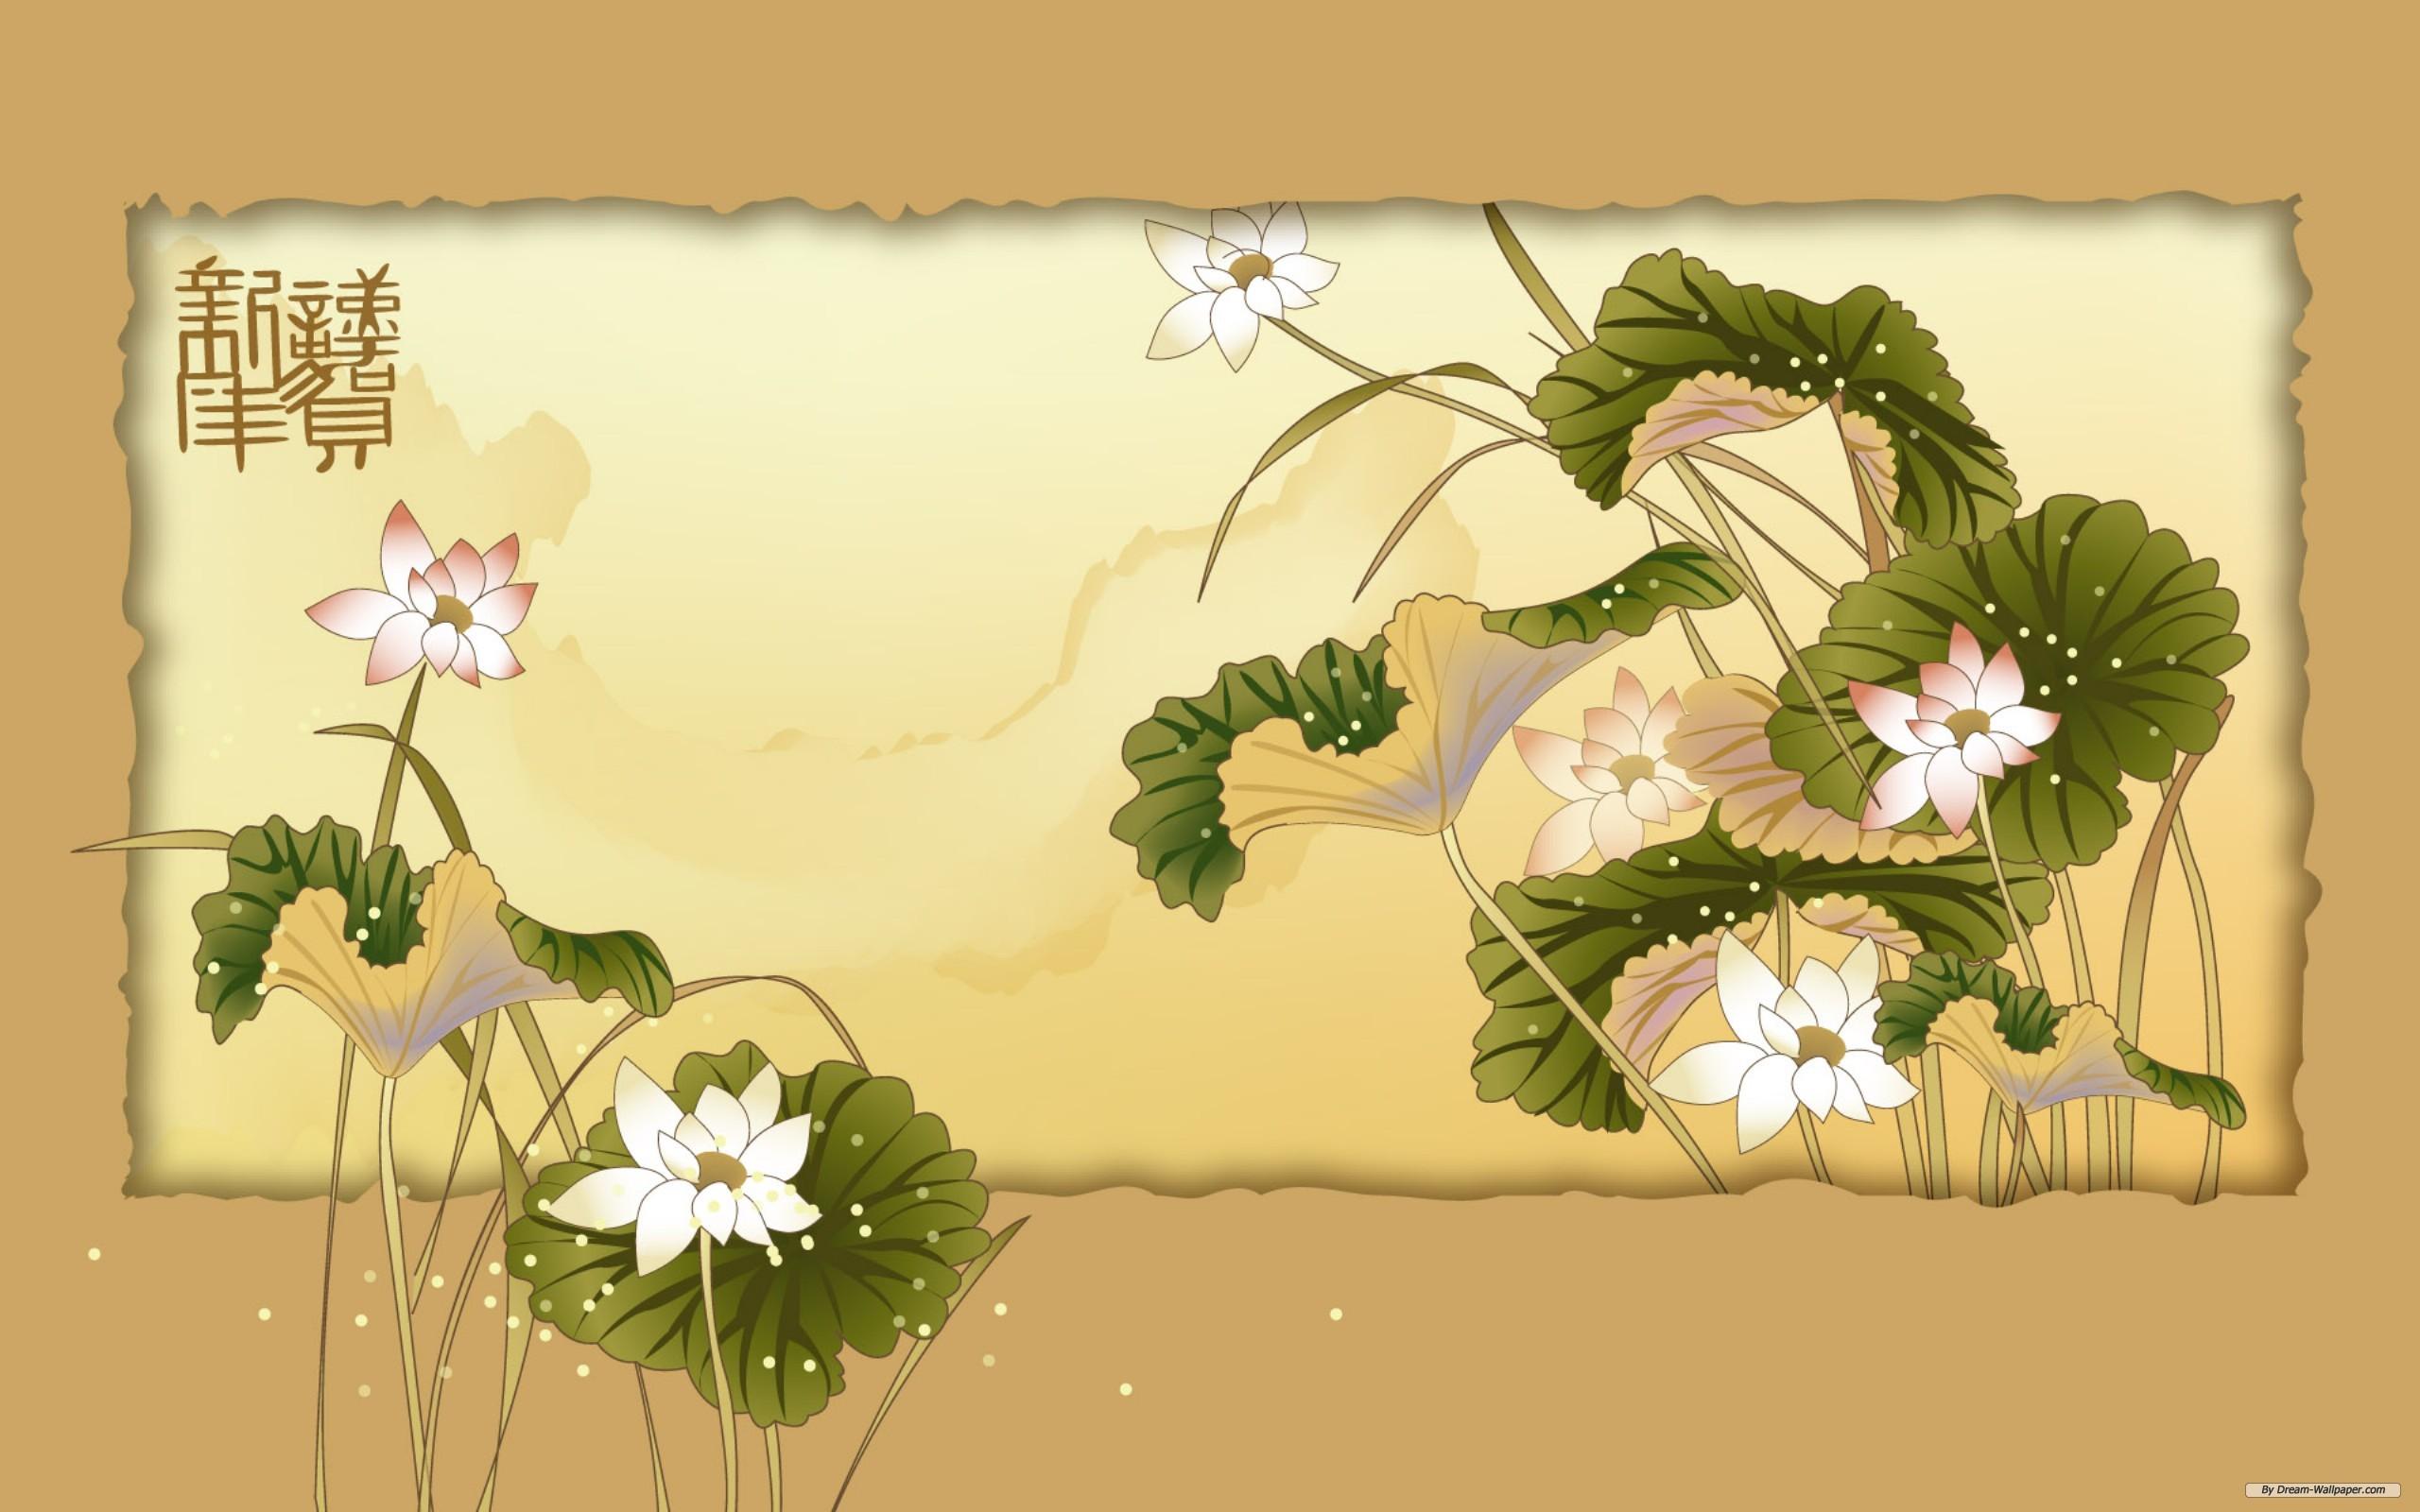 lotus flower wallpaper for mobile